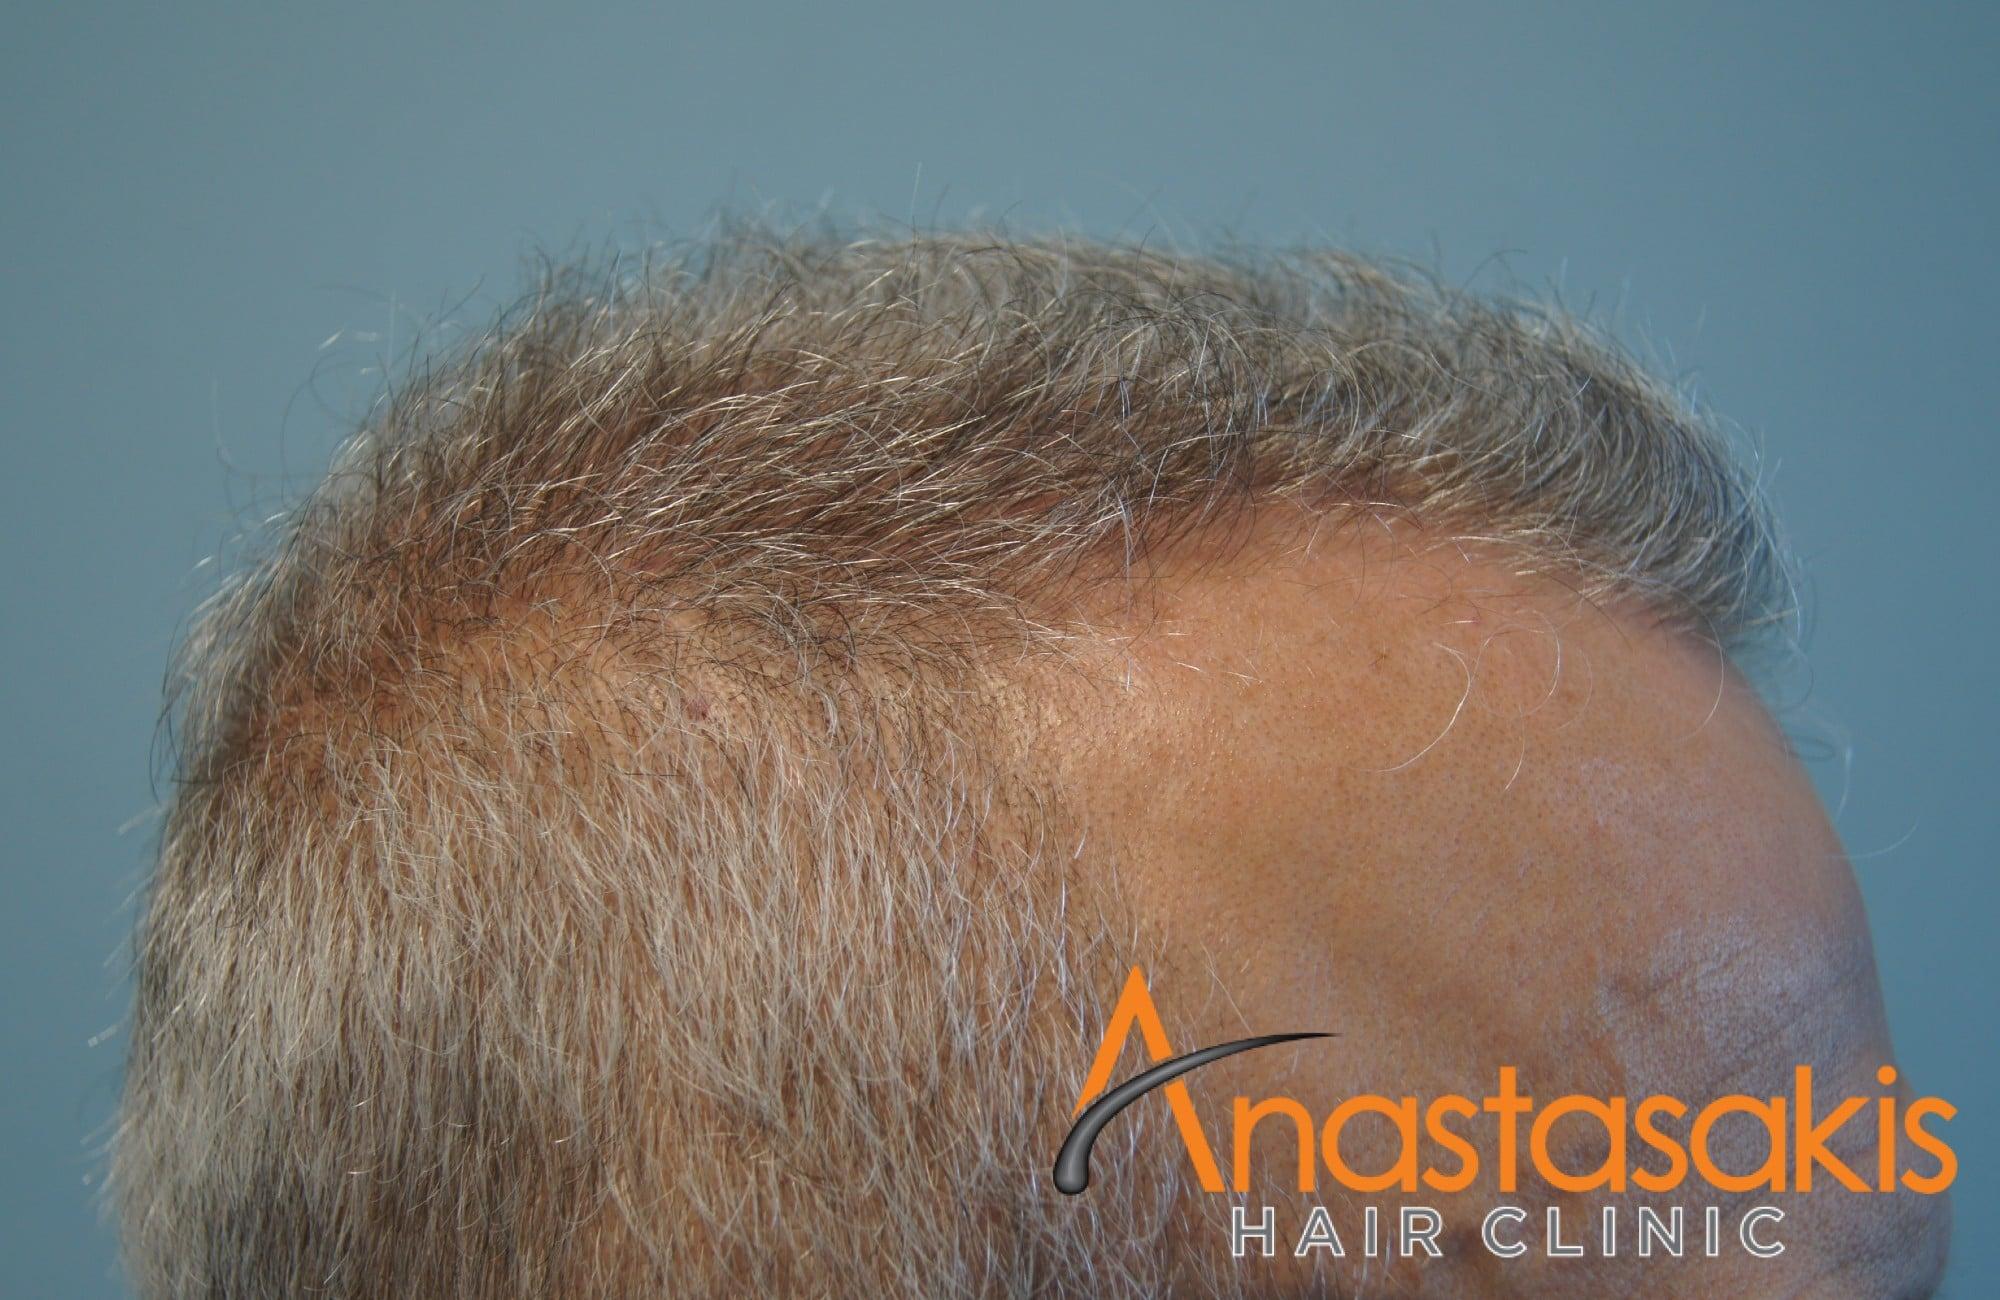 γκριζομάλης άνδρας πριν τη μεταμόσχευση μαλλιών με f.u.e. αριστεο προφιλ